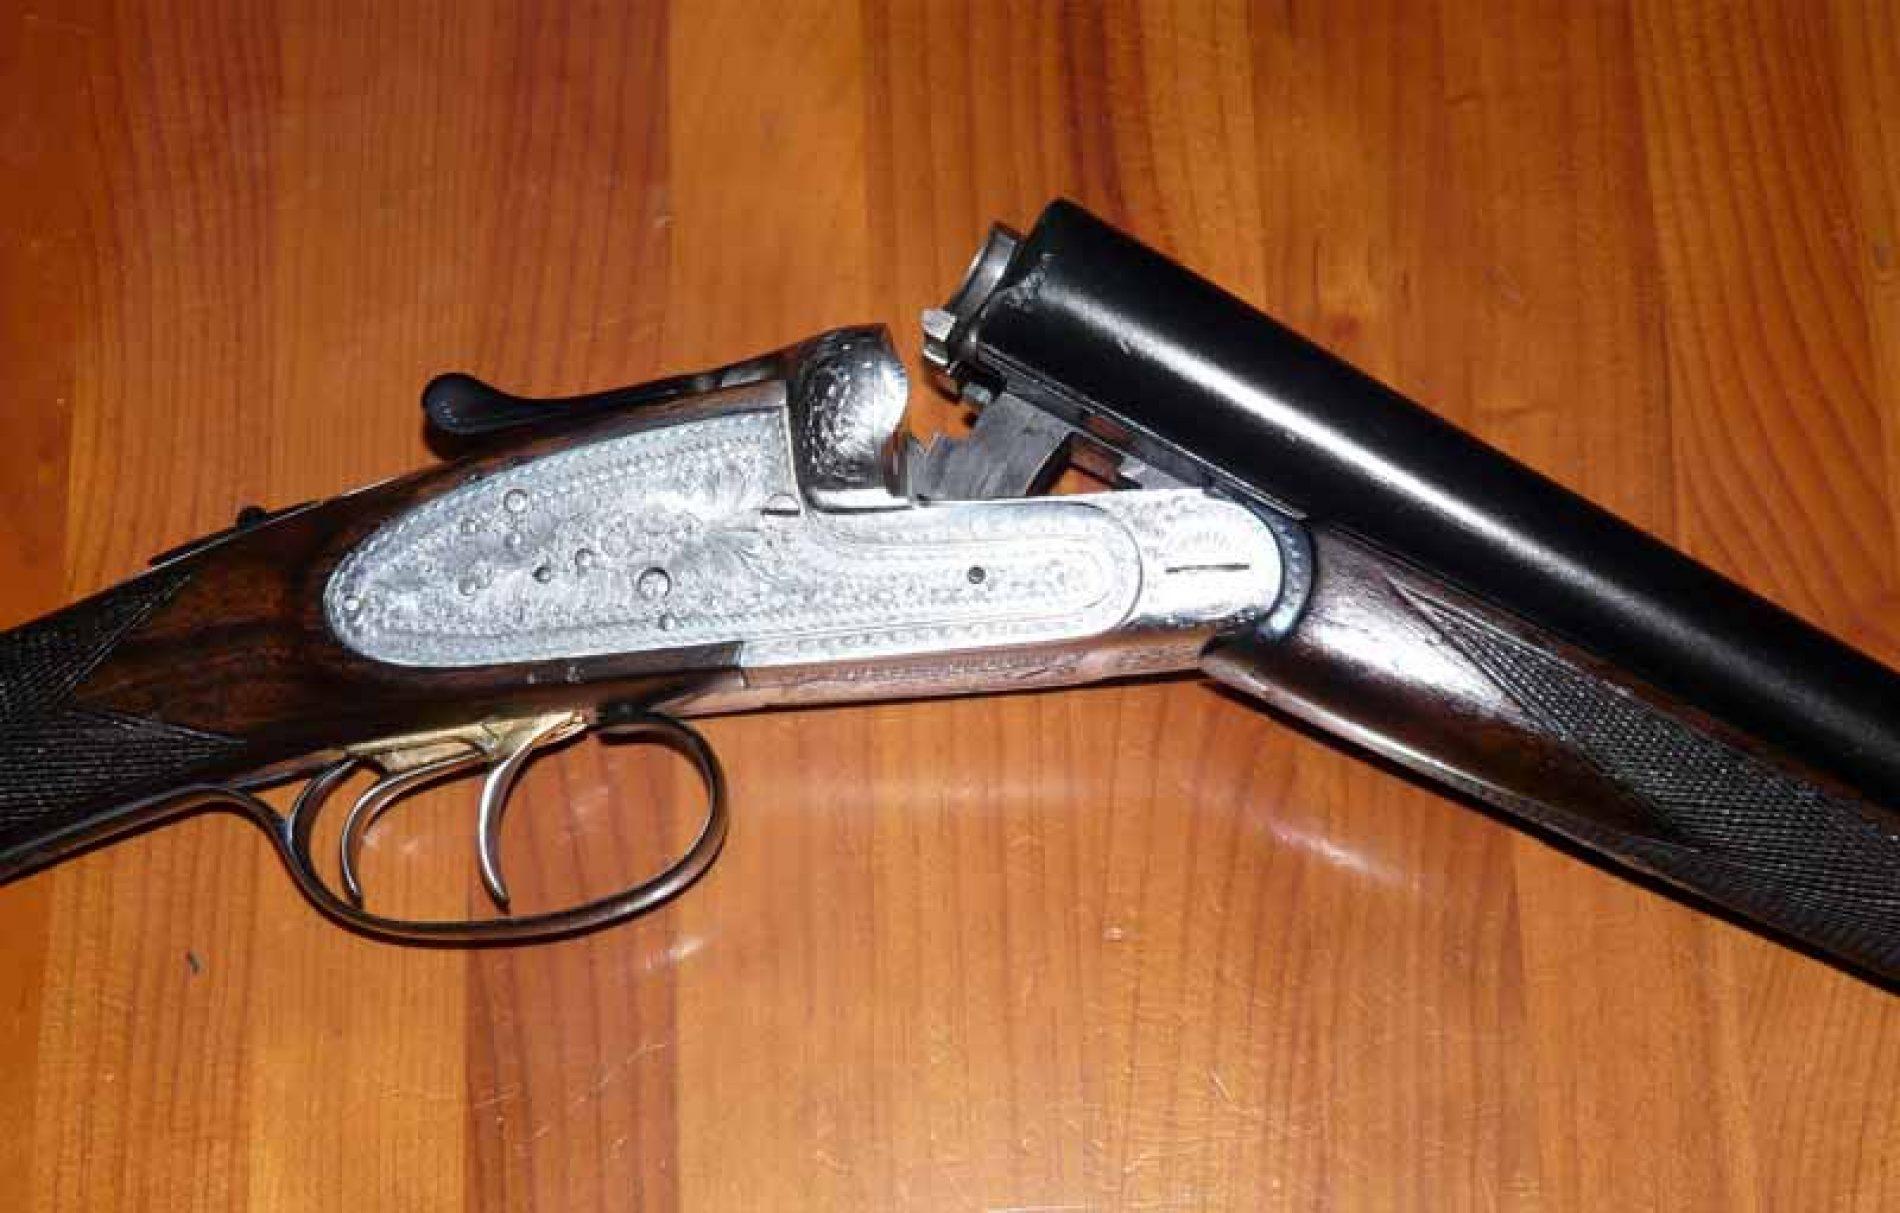 La UNAC presenta alegaciones al reglamento de armas